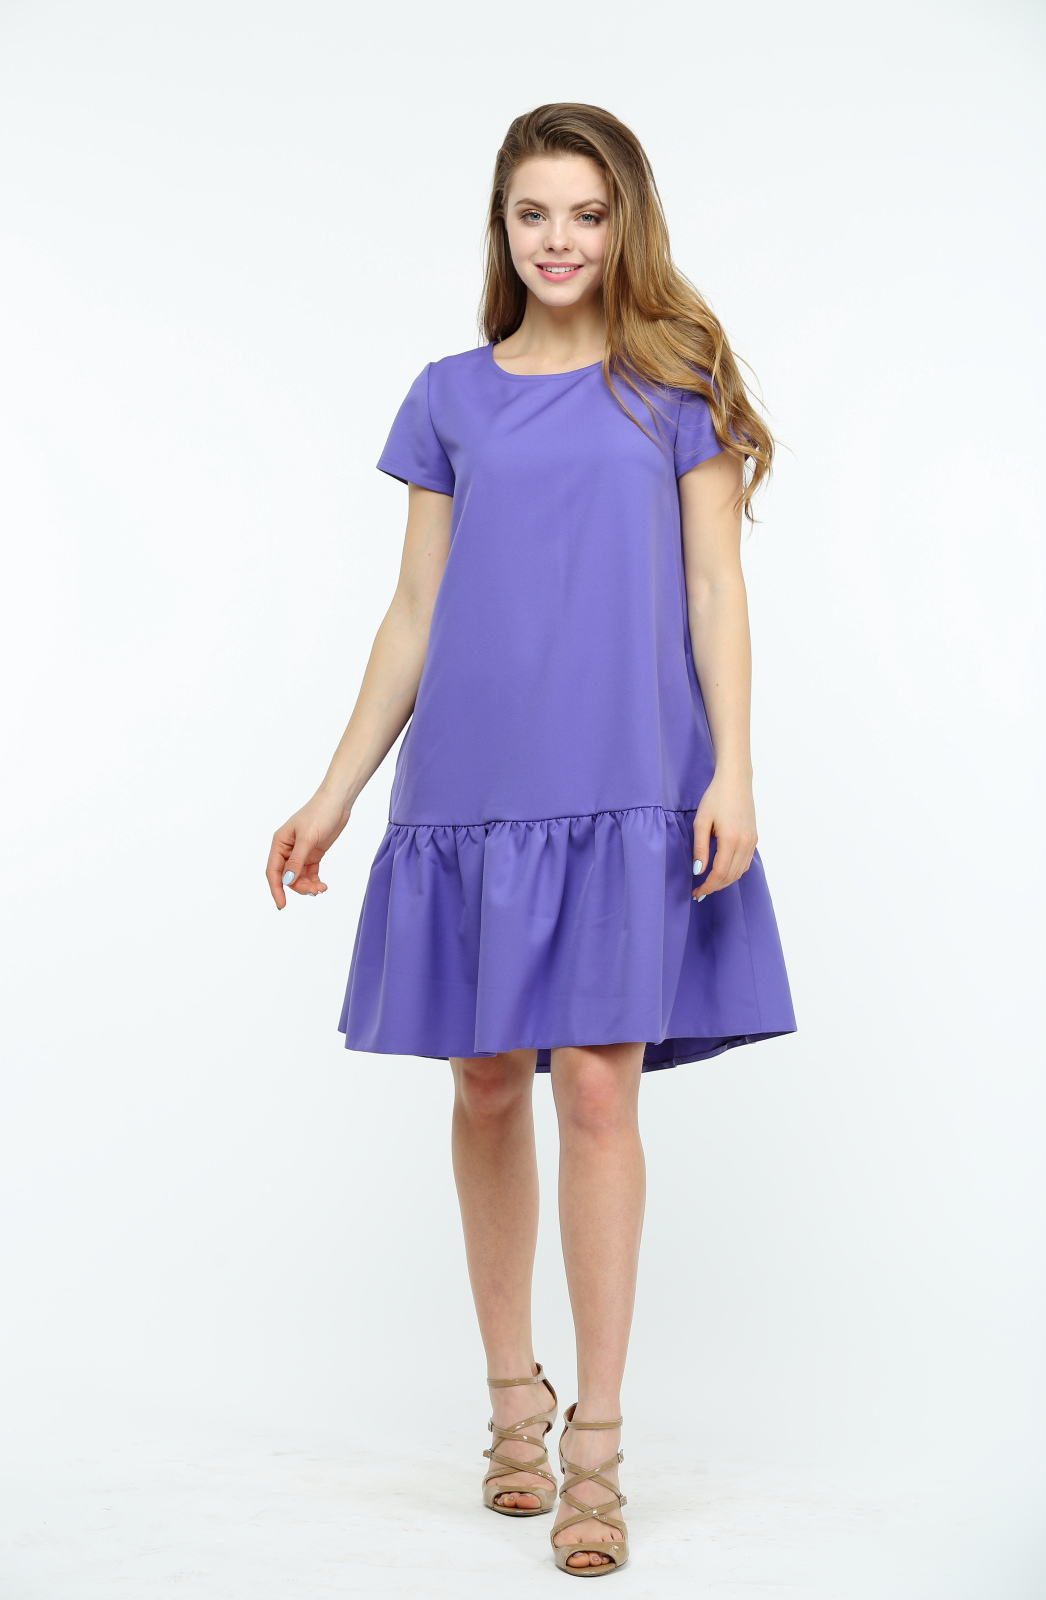 b2e2d2333c4 Фиолетовое платье с воланами и коротким рукавом купить в Киеве